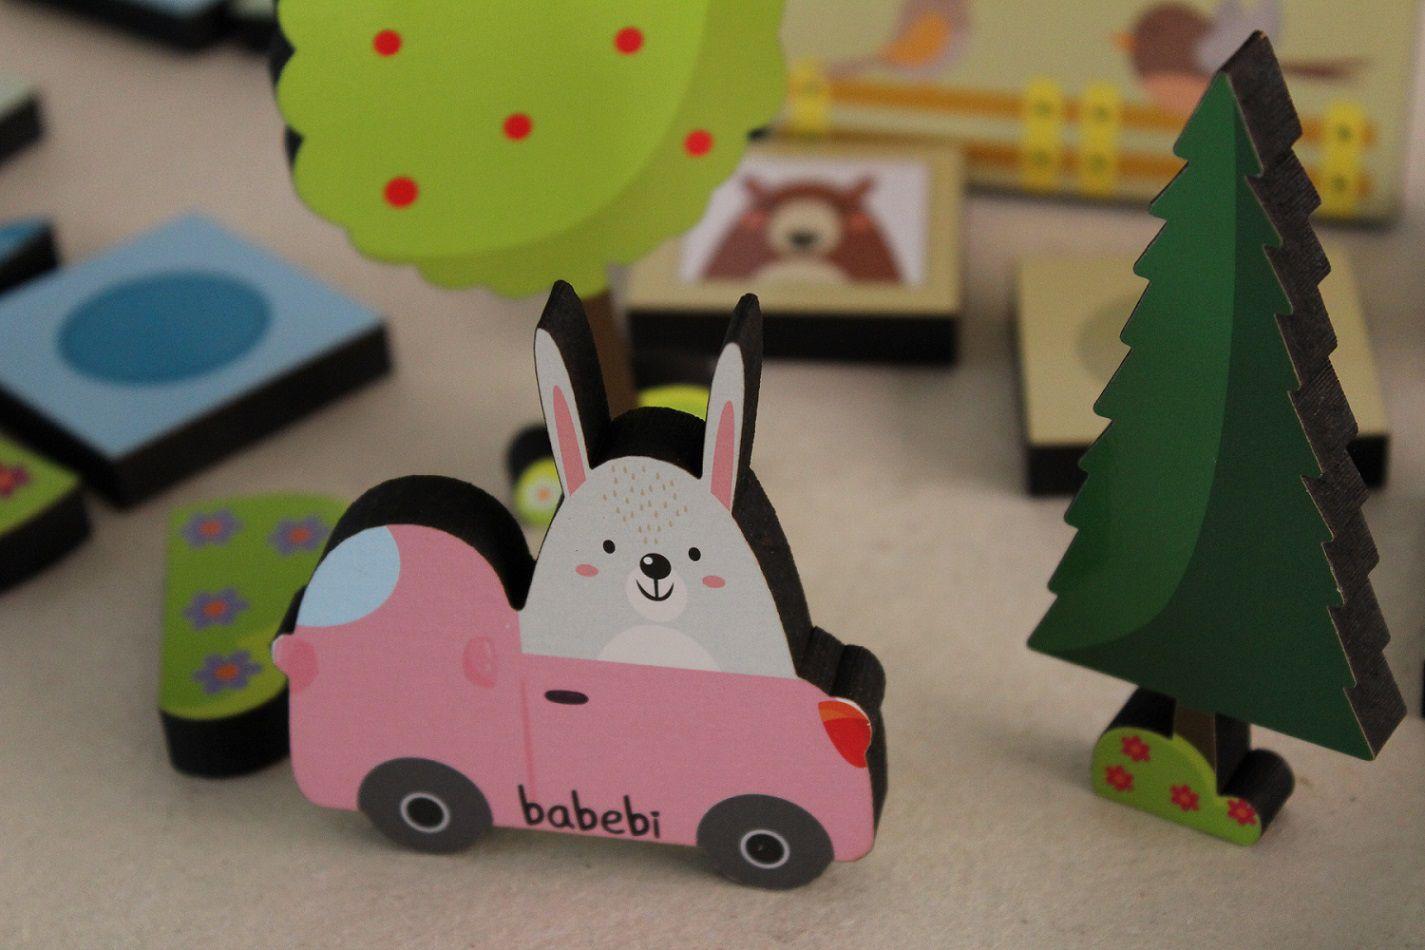 Brinquedo de madeira Baby Construtor, da BaBeBi - Cód. 6022